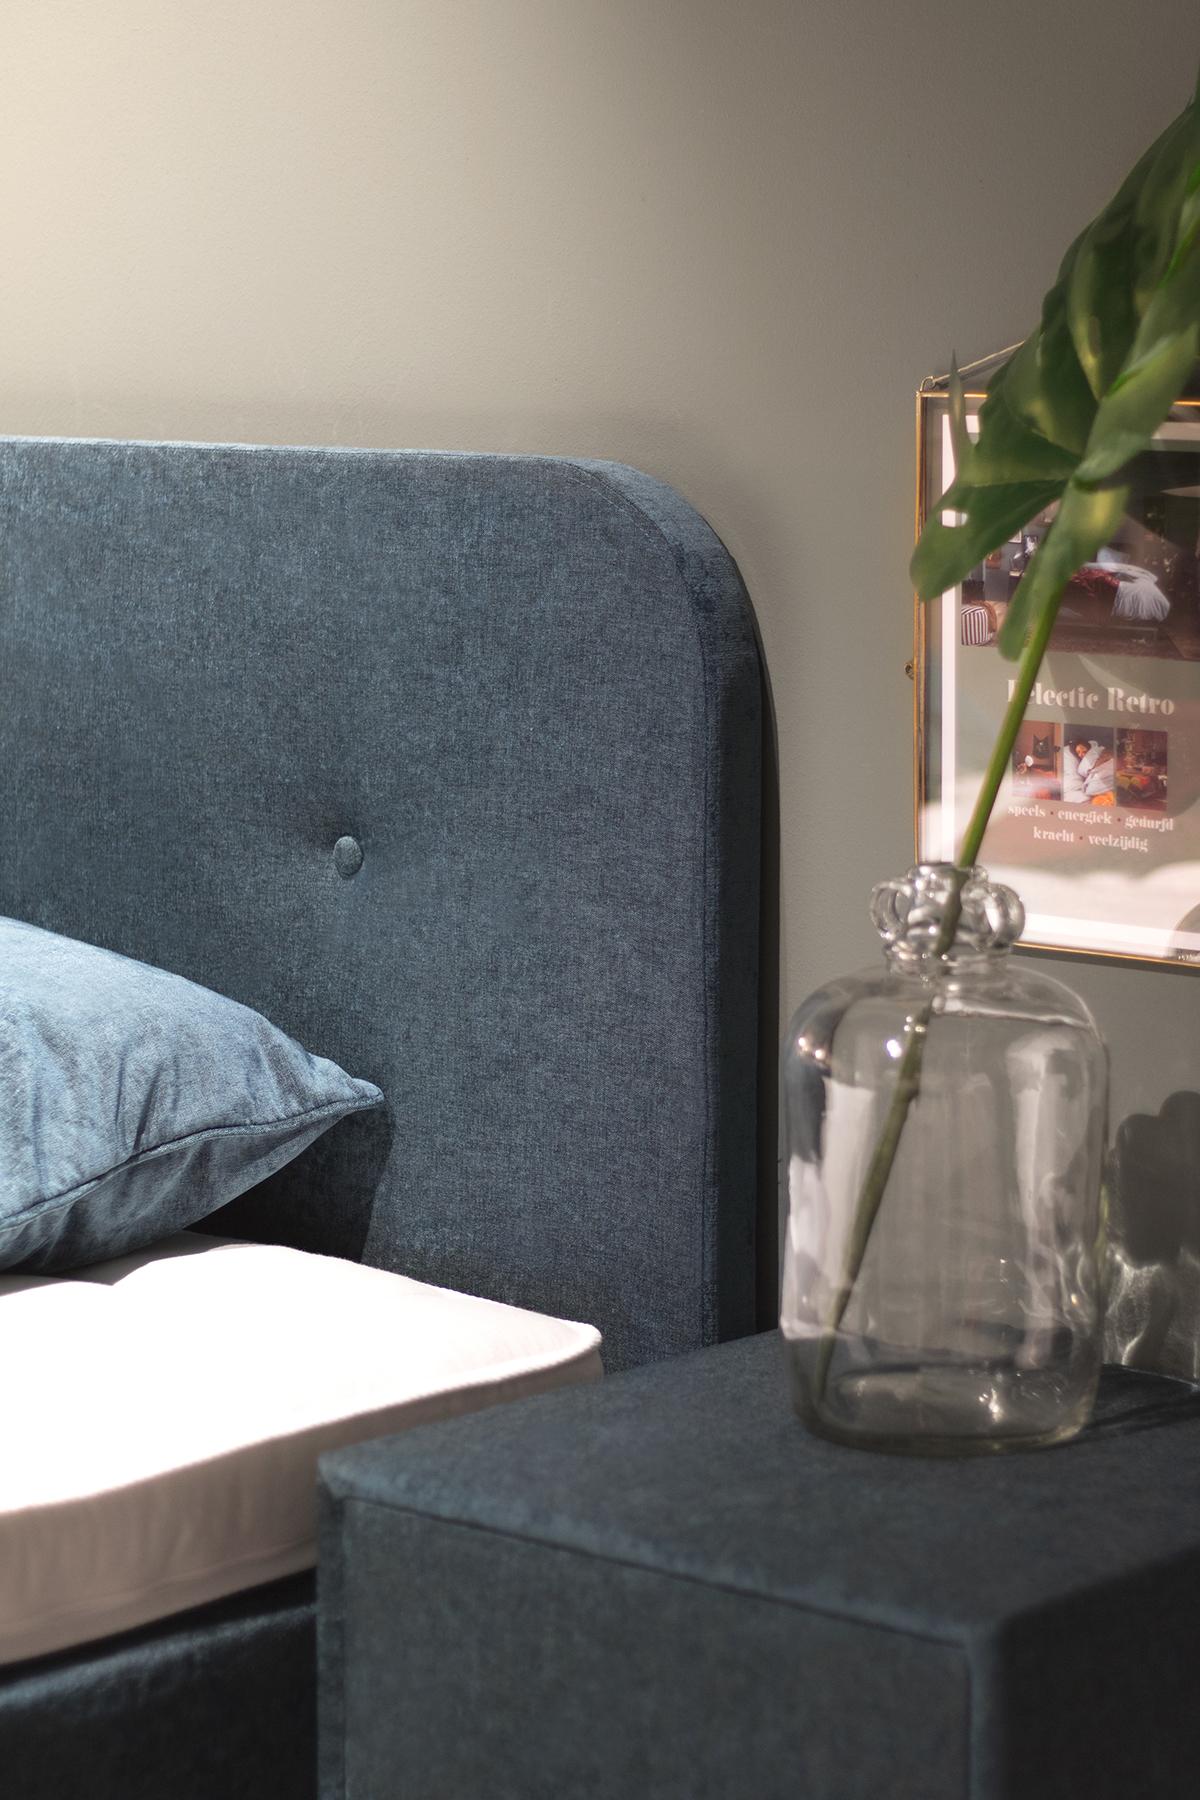 hoofdeinde boxspring en nachtkastje met vaas met bloem Swiss Sense Lifestyle by vtwonen collectie